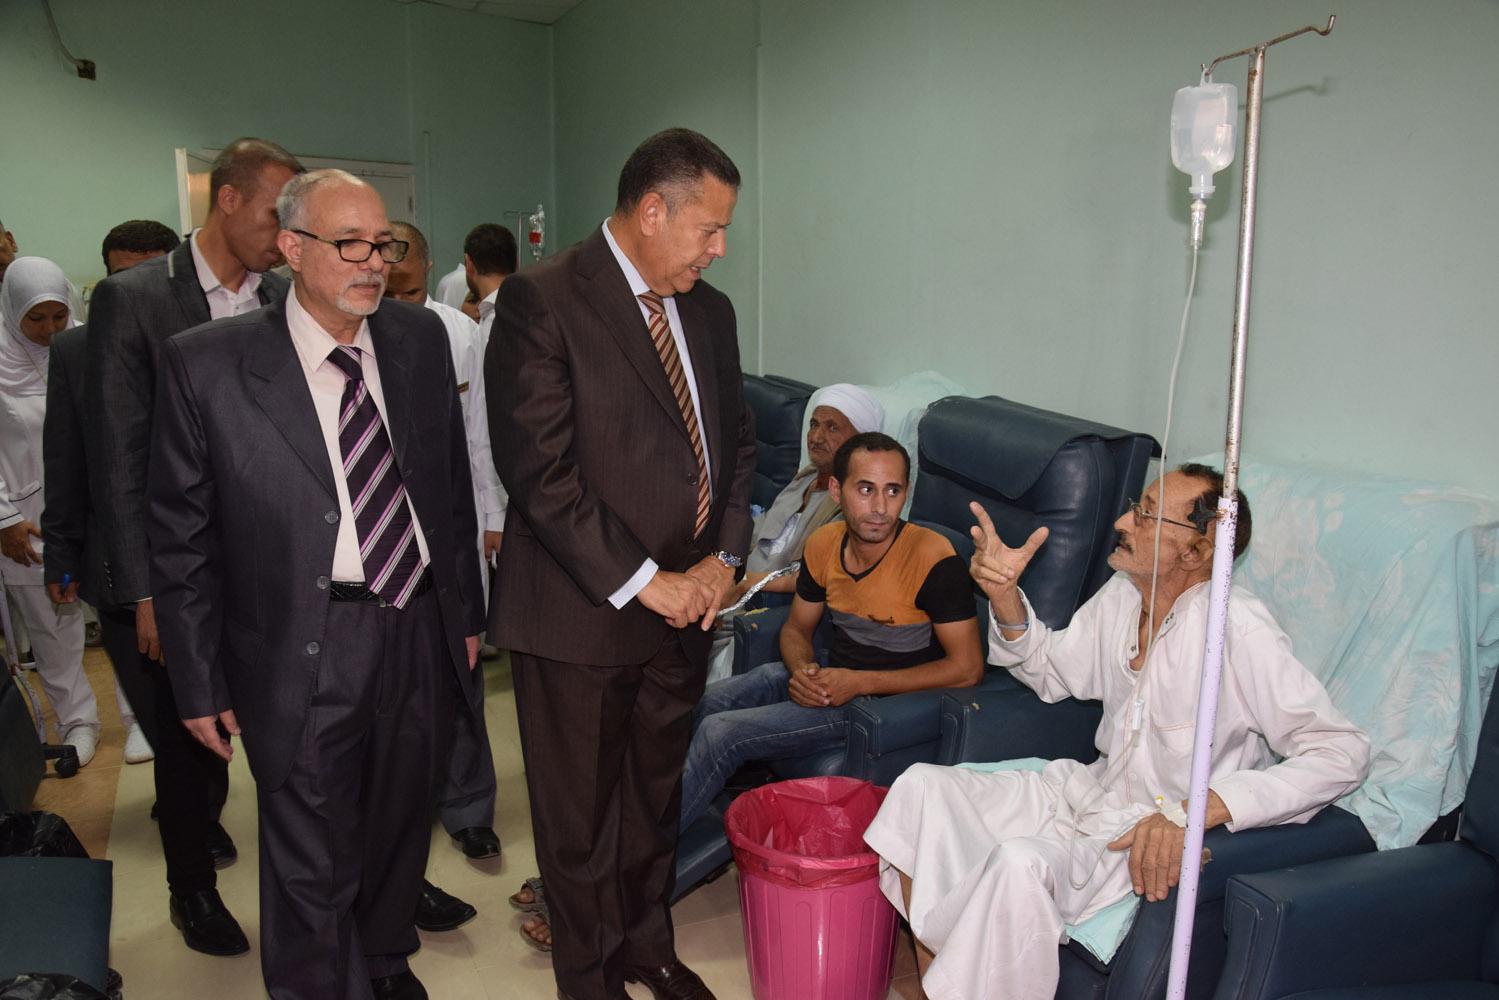 محافظ بنى سويف يتفقد حالة المرضى بمستشفى التأمين الصحى (2)